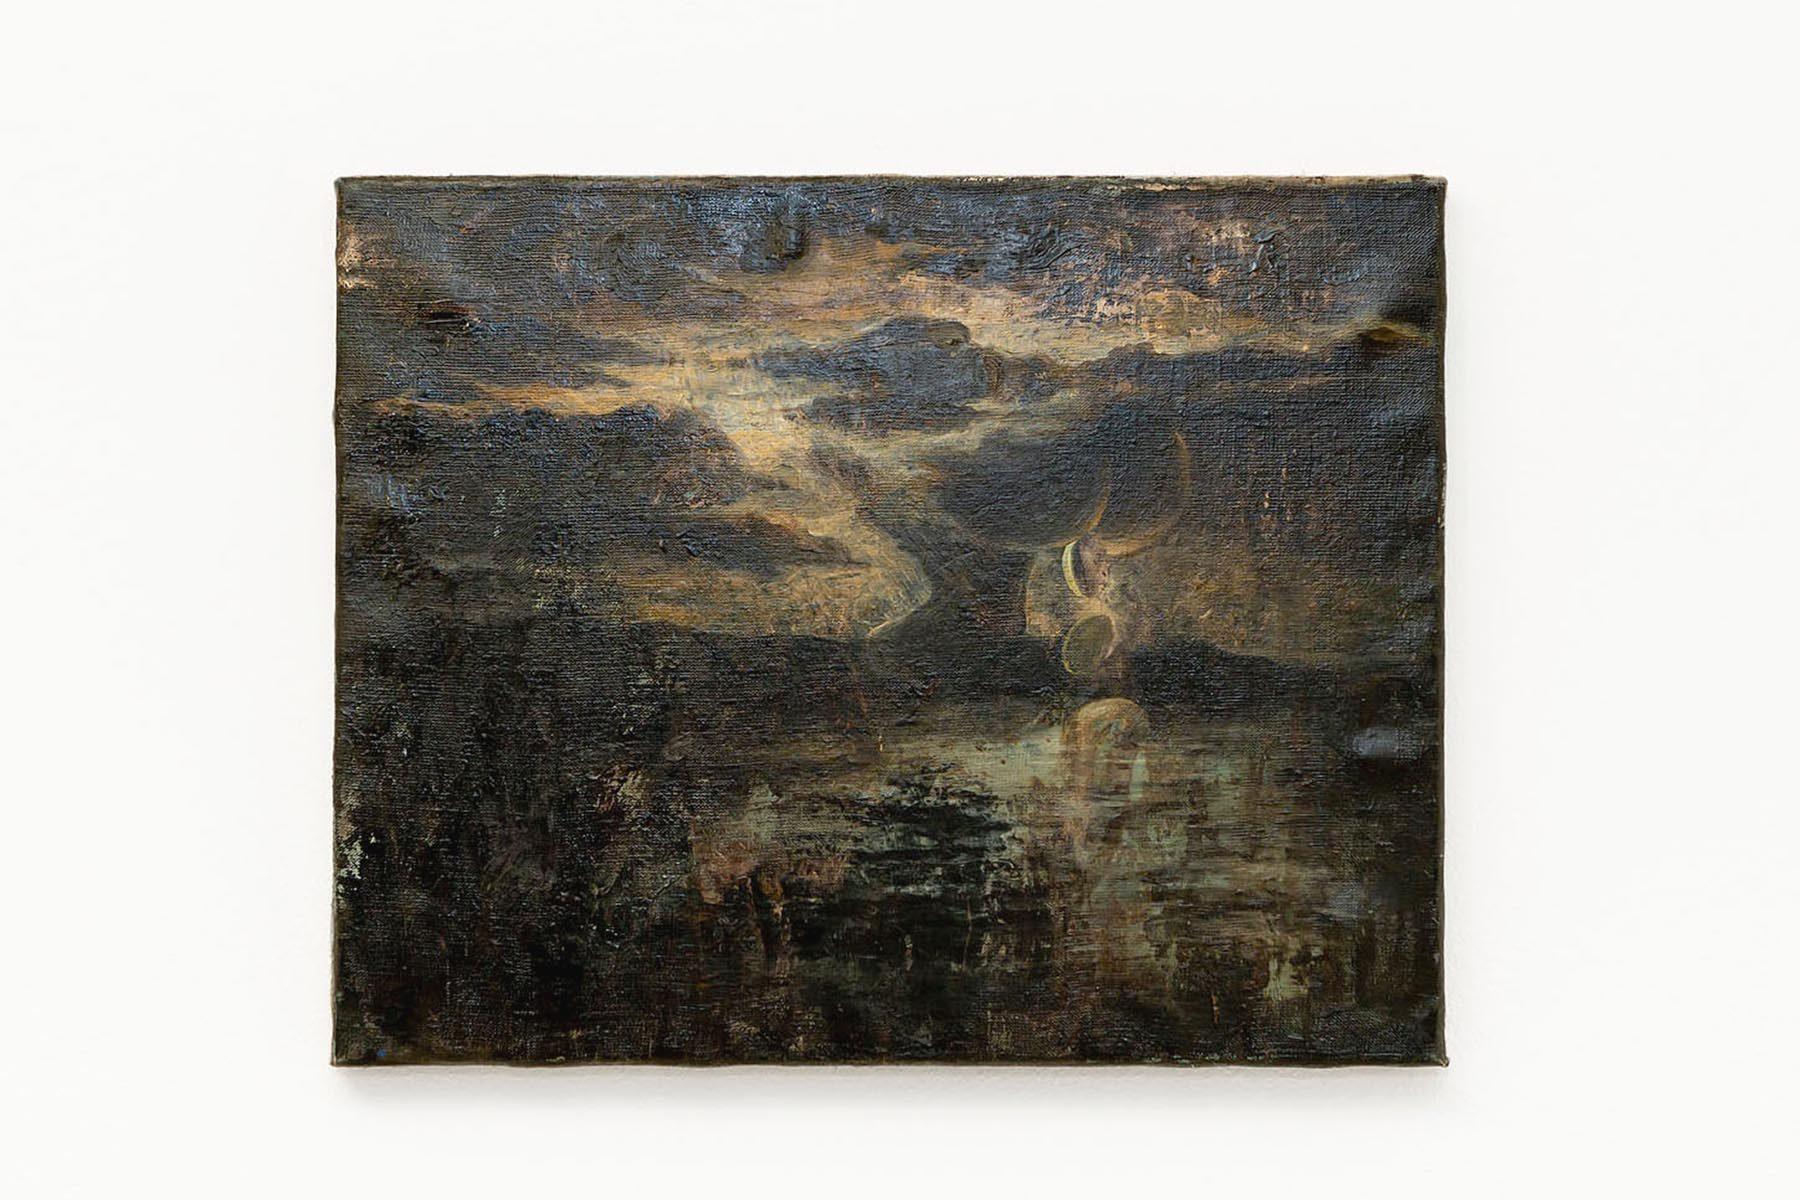 Giulio Malinverni, Cagaschei, 2018, oil on linen, 50 x 60 cm, ph. S. Longhi